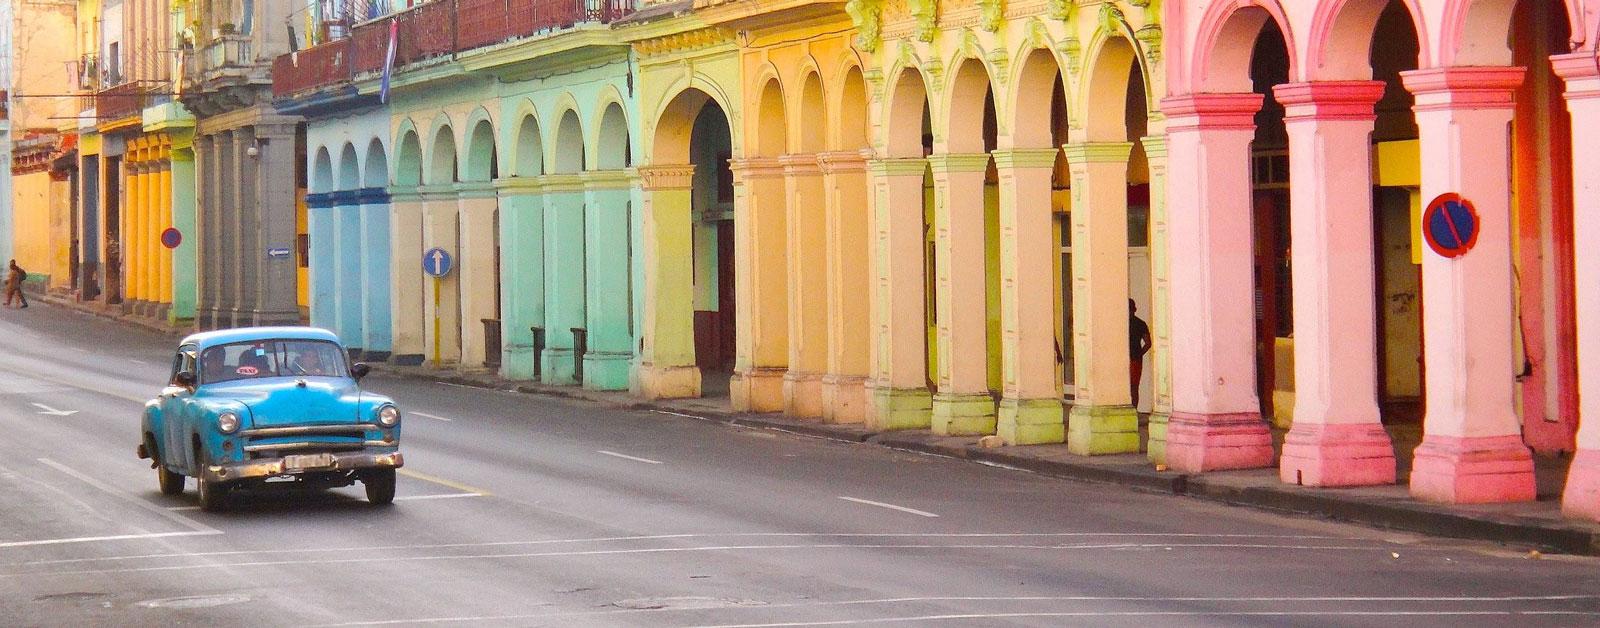 Cuba: Art